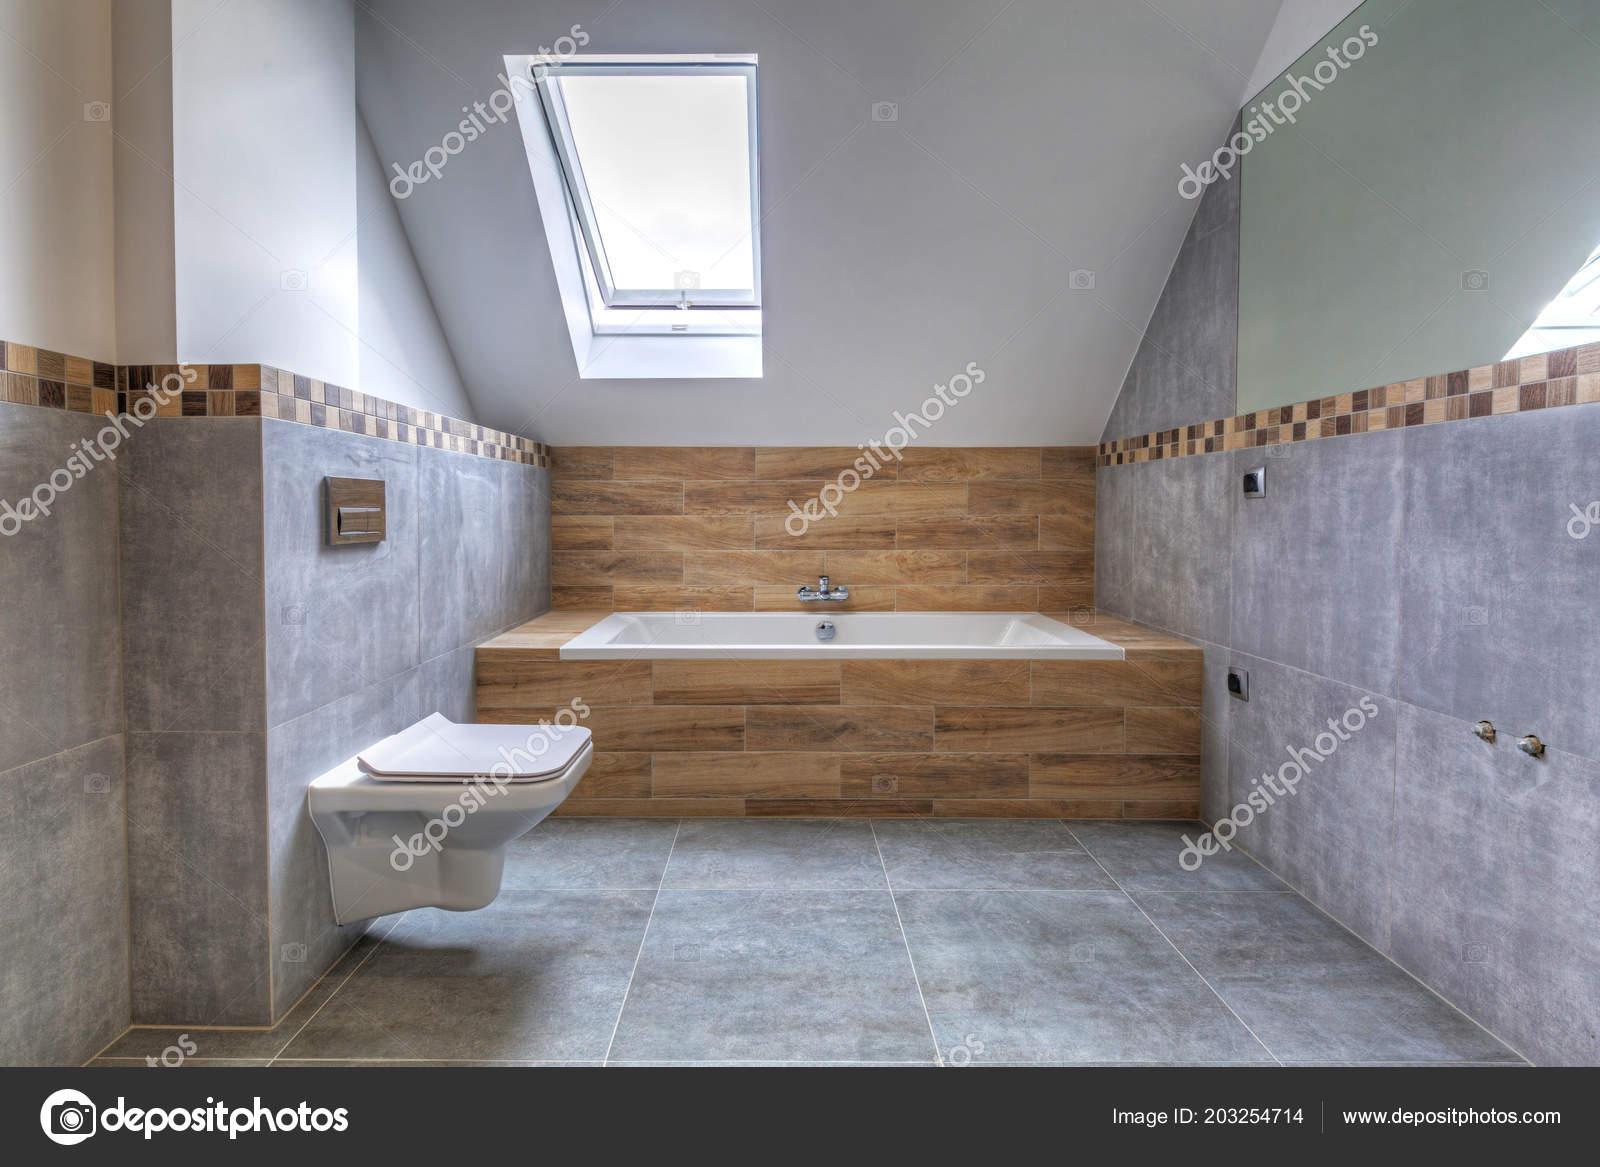 Nowe Wnętrze łazienki Domu Szare Płytki Betonowe Wykończone